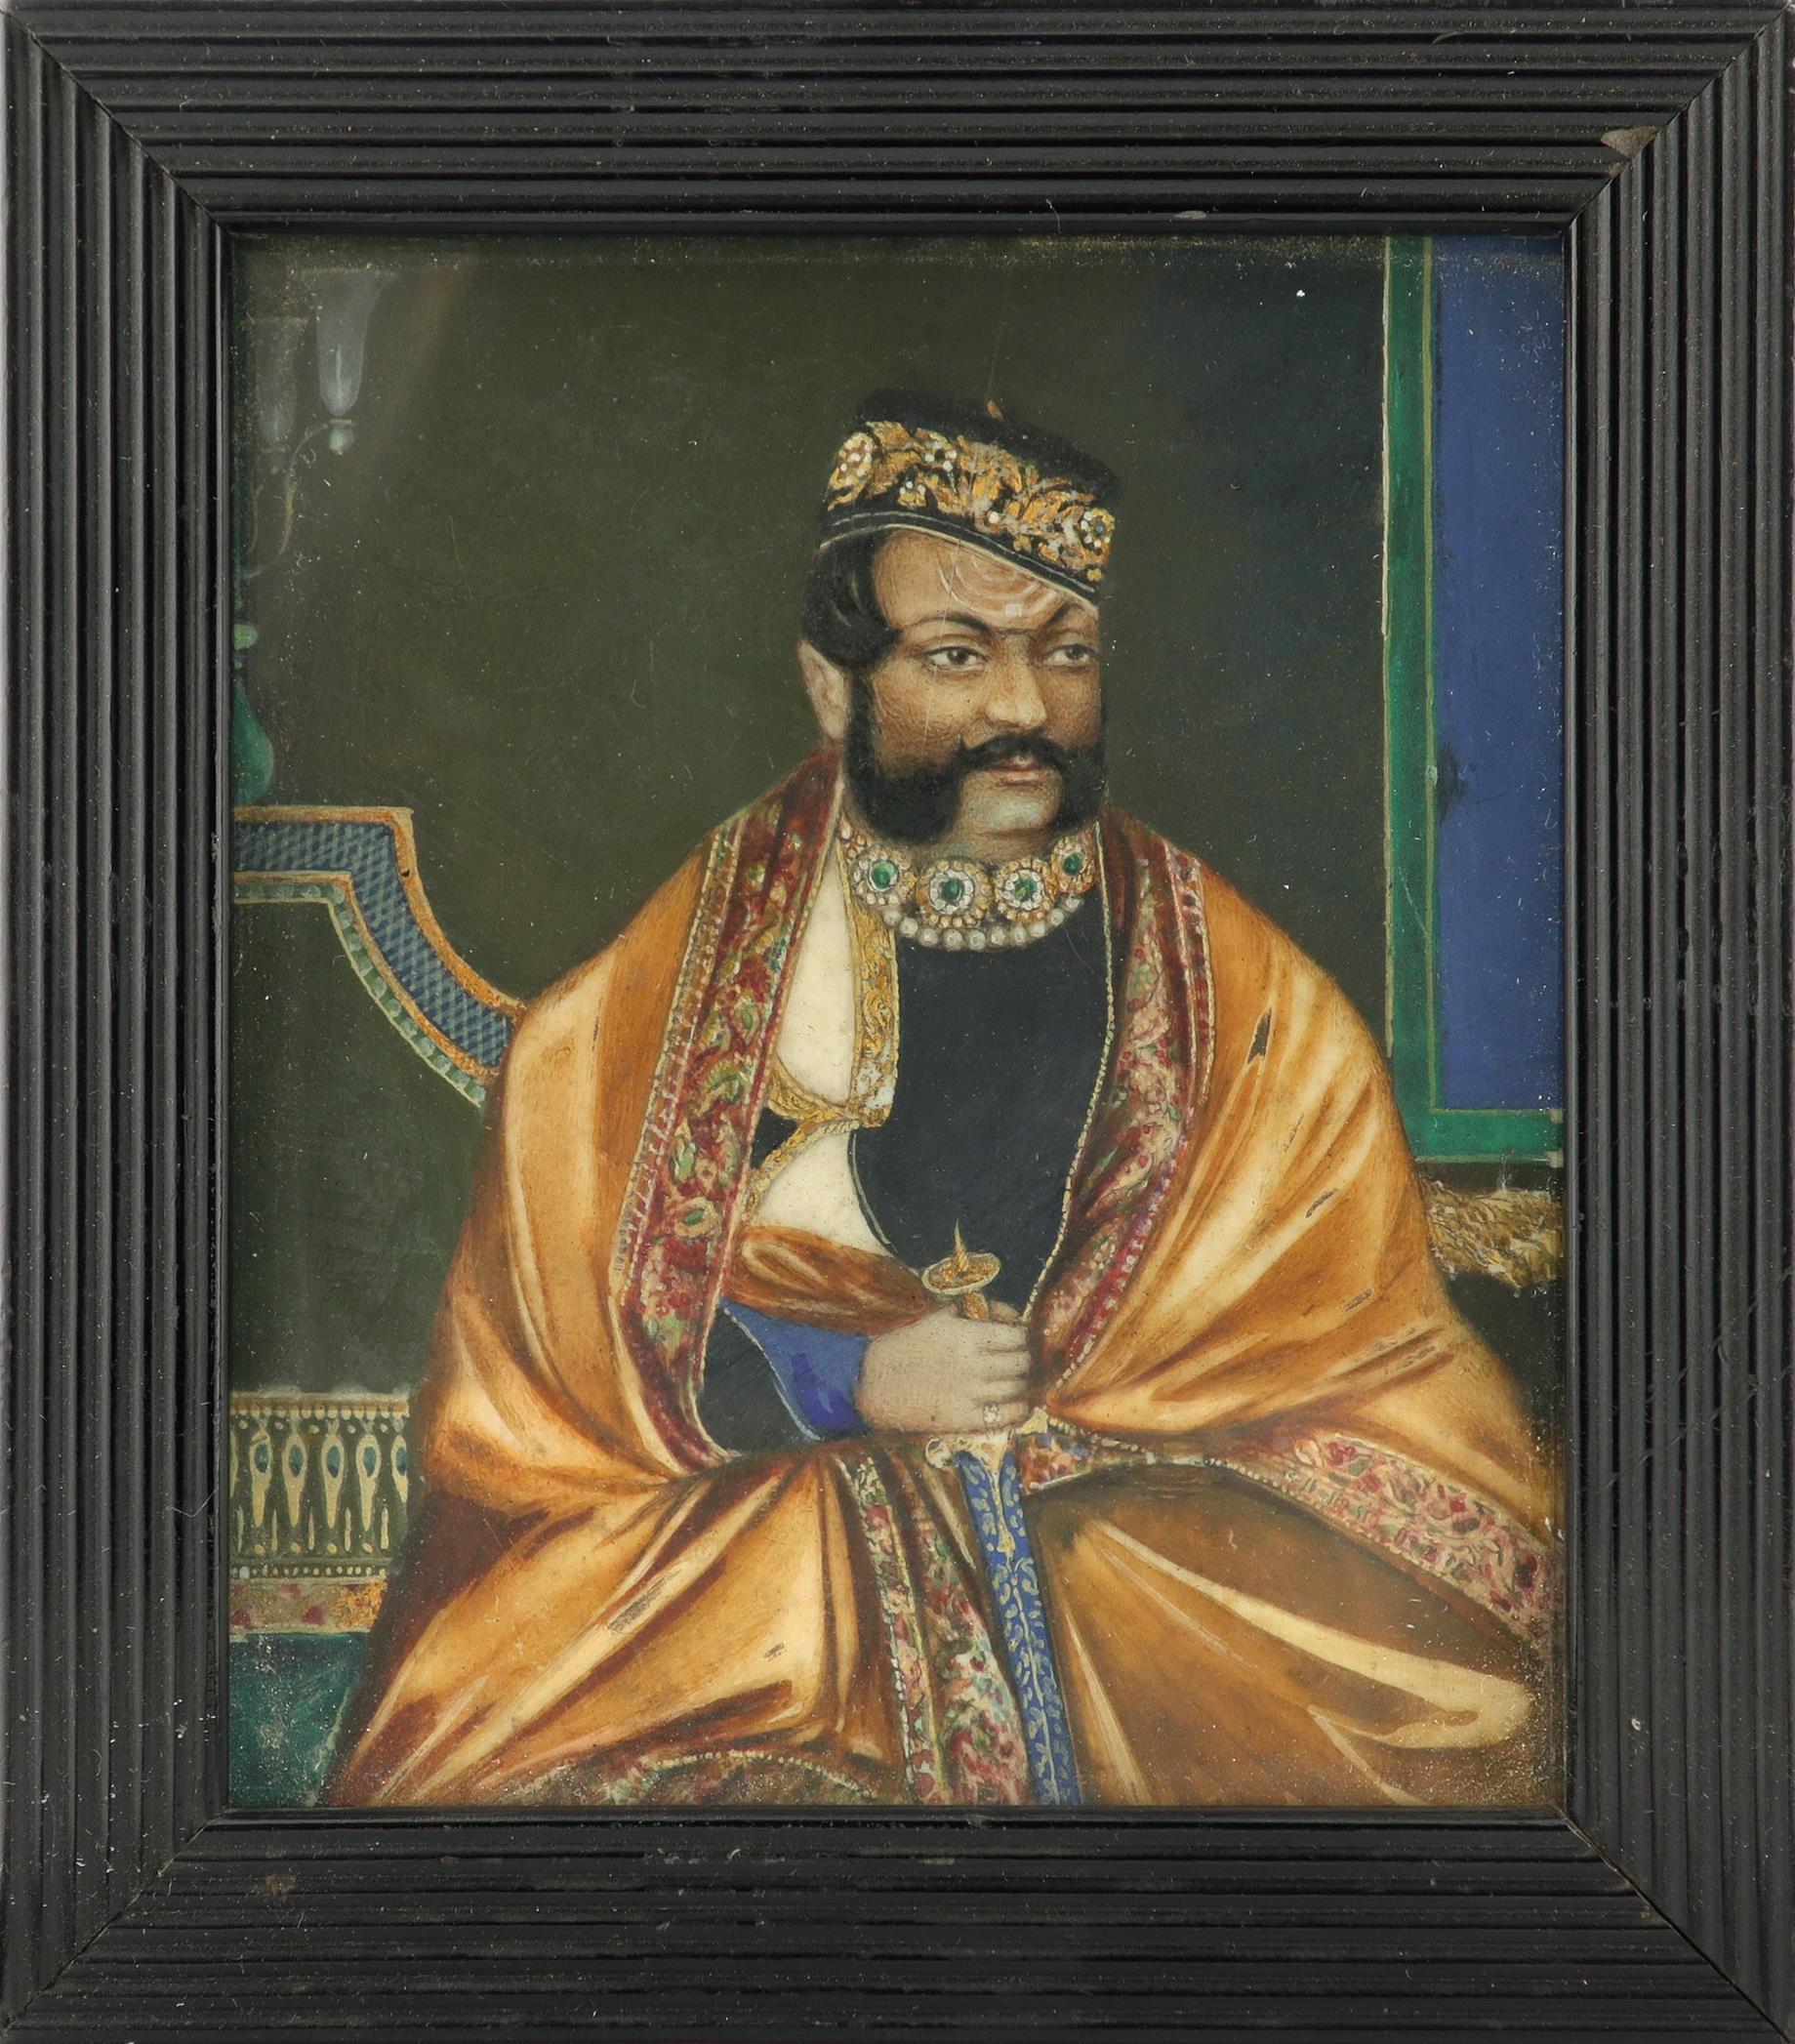 λIndian School Portrait miniature of the Maharaja of Gwalior, seated in an interior holding a - Image 2 of 3